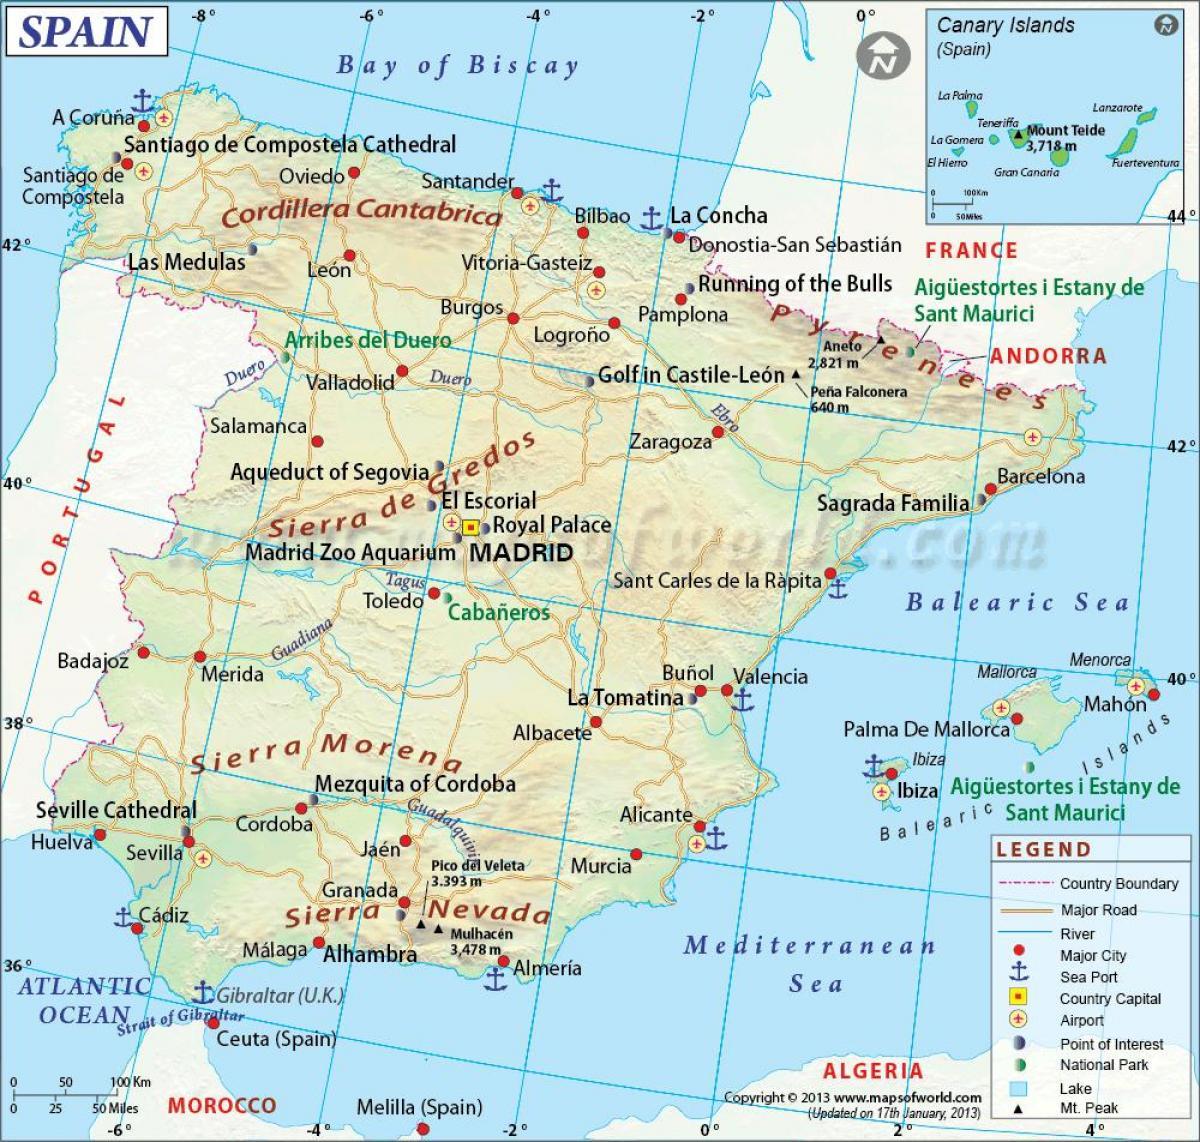 Mostrar Mapa Da Espanha Mapa Completo Da Espanha Europa Do Sul